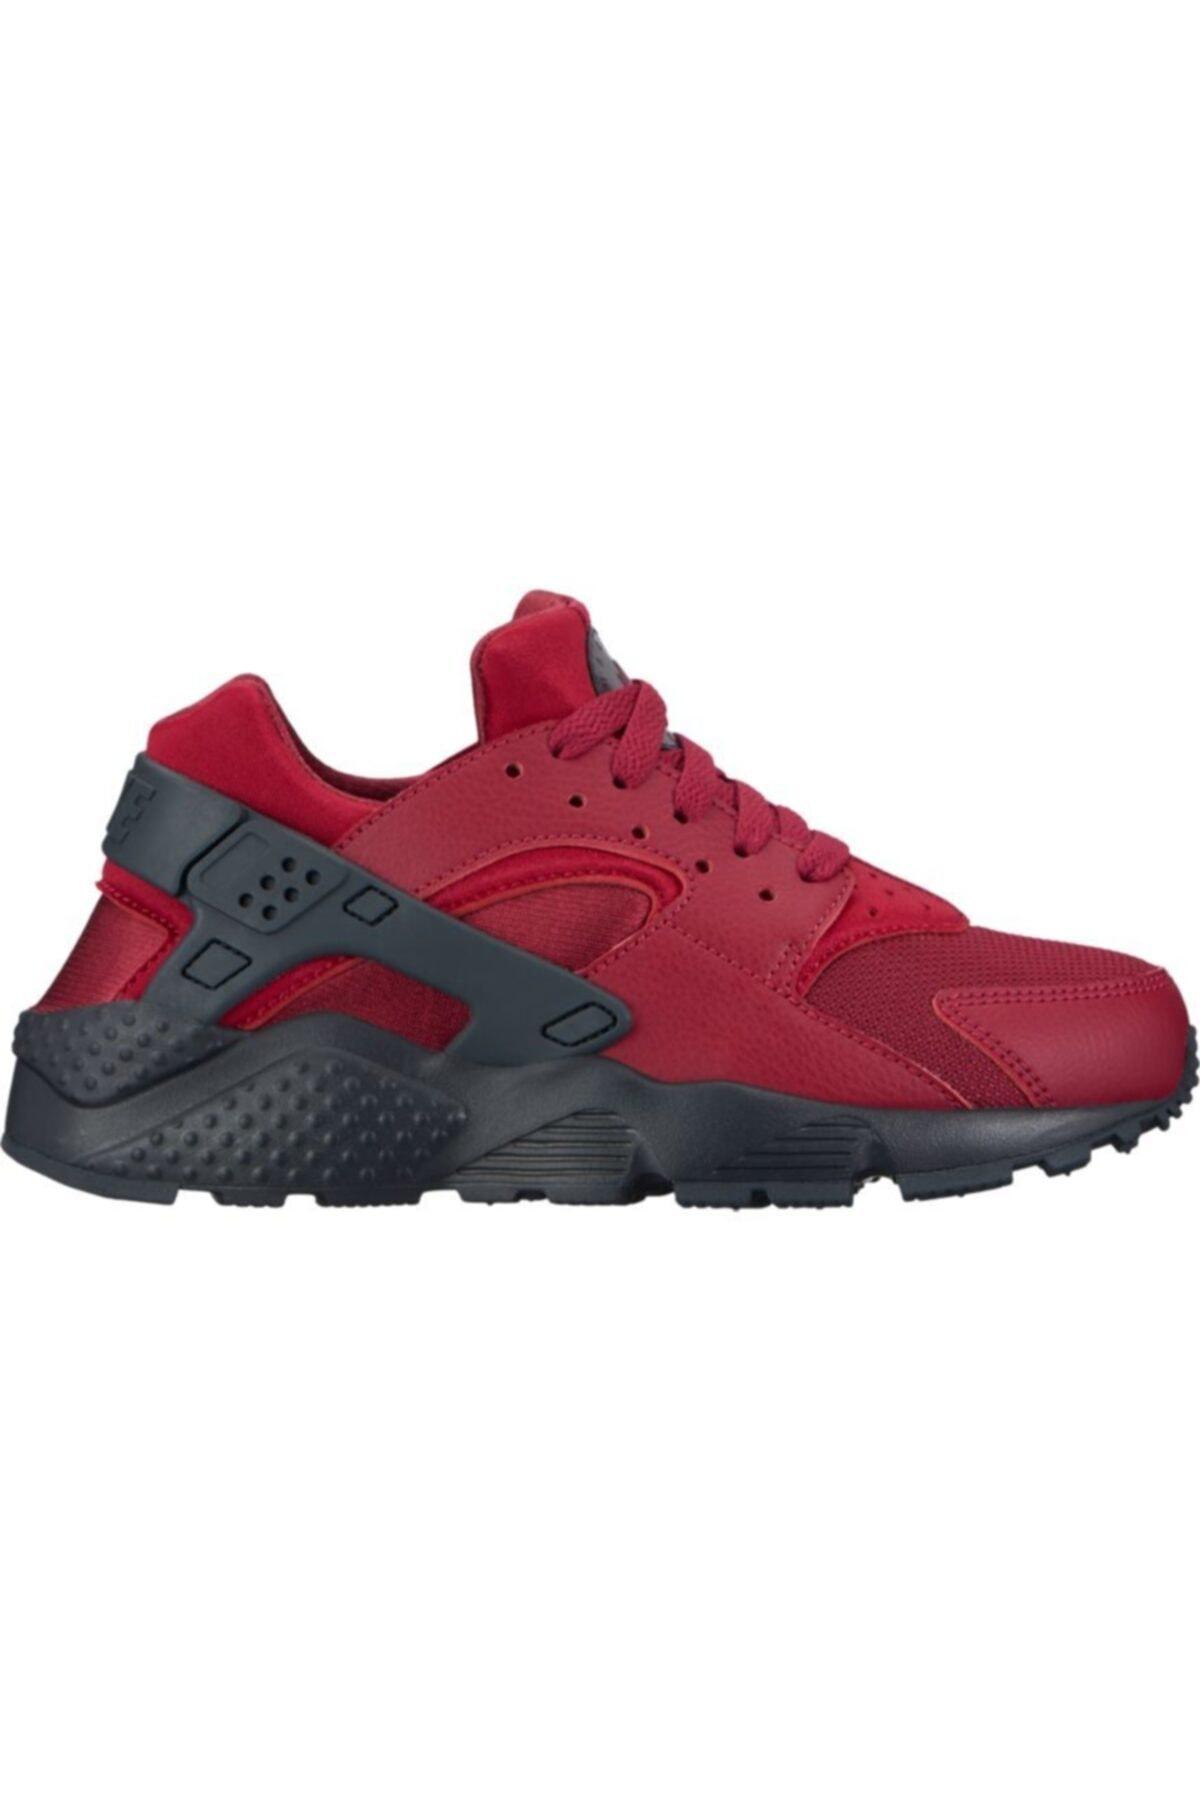 Nike Kadın Kırmızı Huarache Run (gs) Spor Ayakkabı 654275-603 1